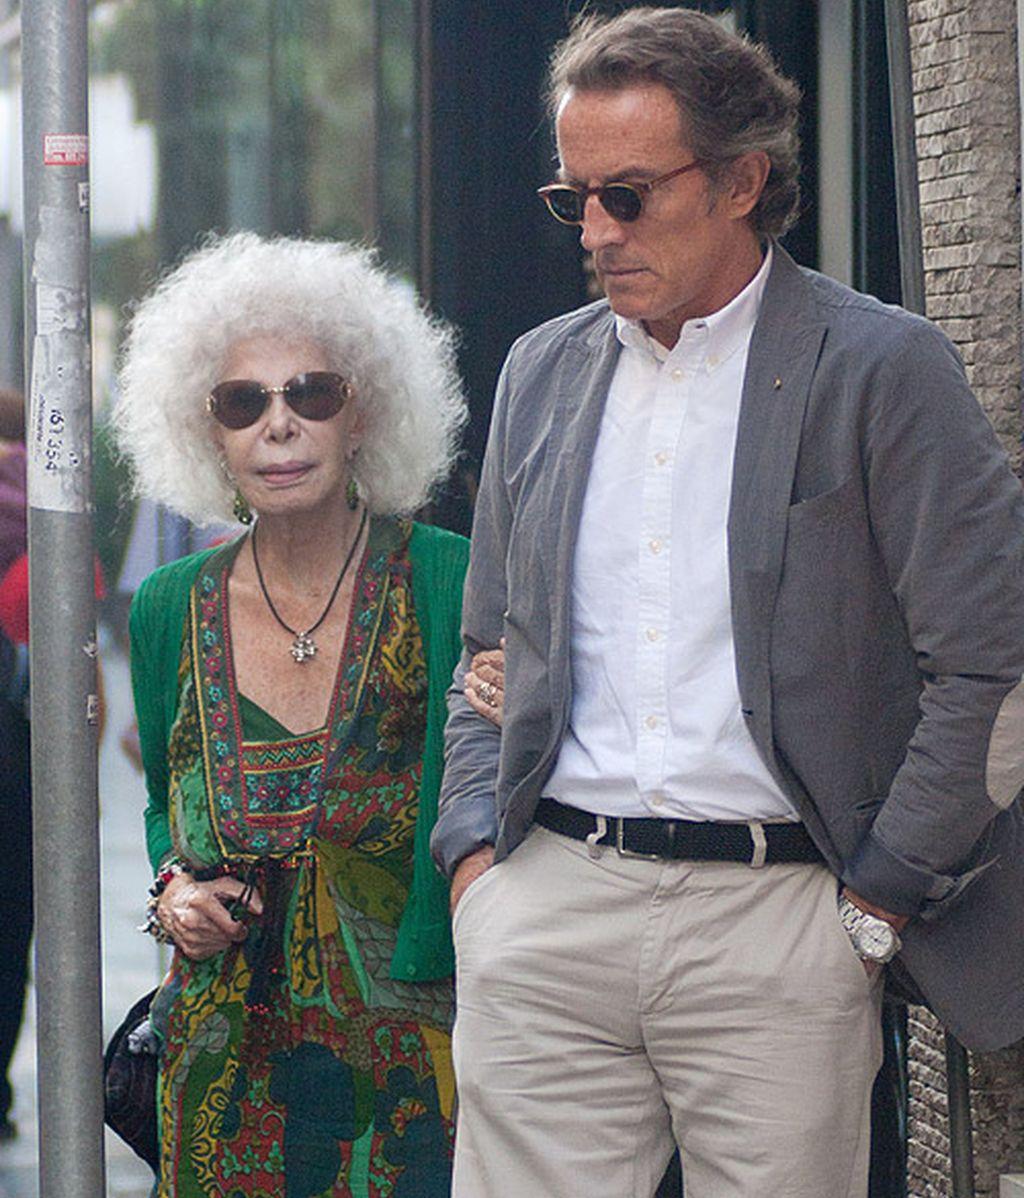 La Duquesa viste a su marido, Alfonso Diez, como a Fran Rivera